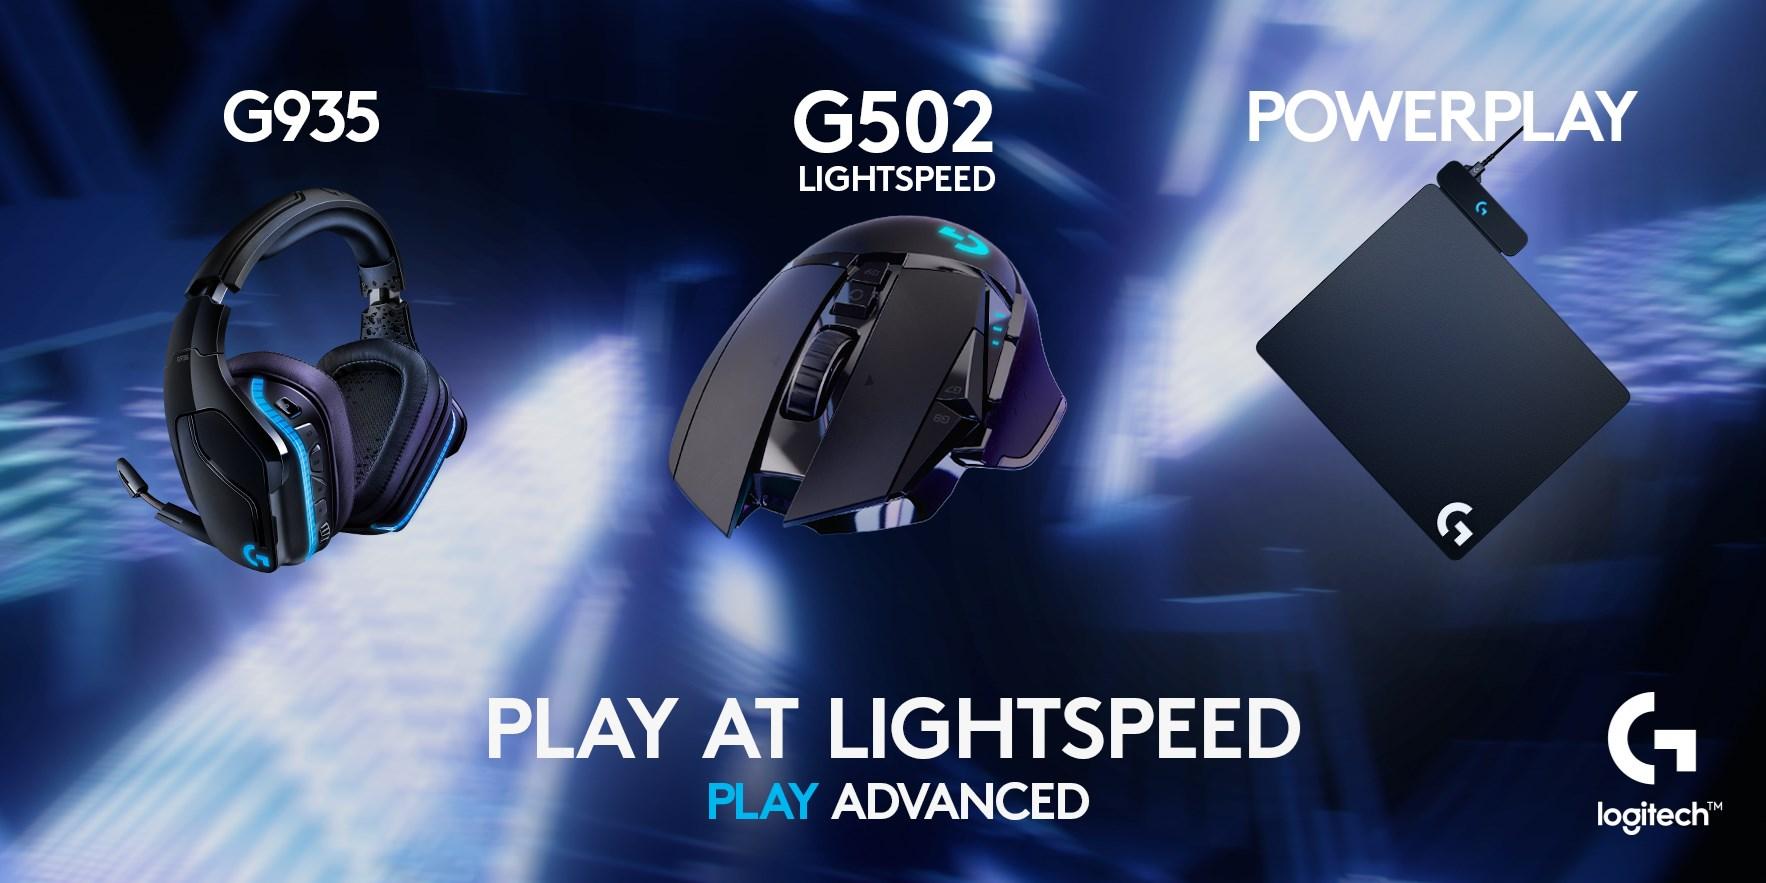 Logitech - Play at Lightspeed